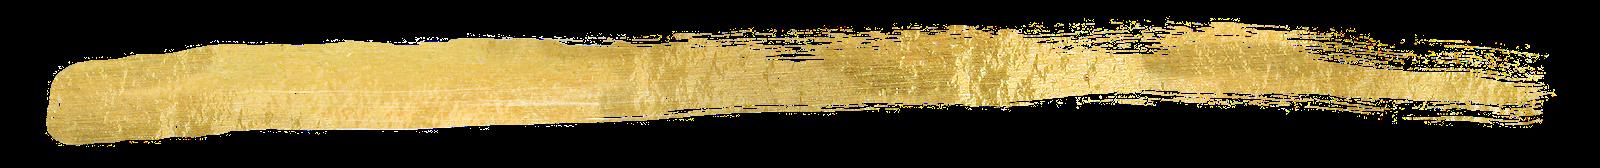 Gold-Foil-Swash.png